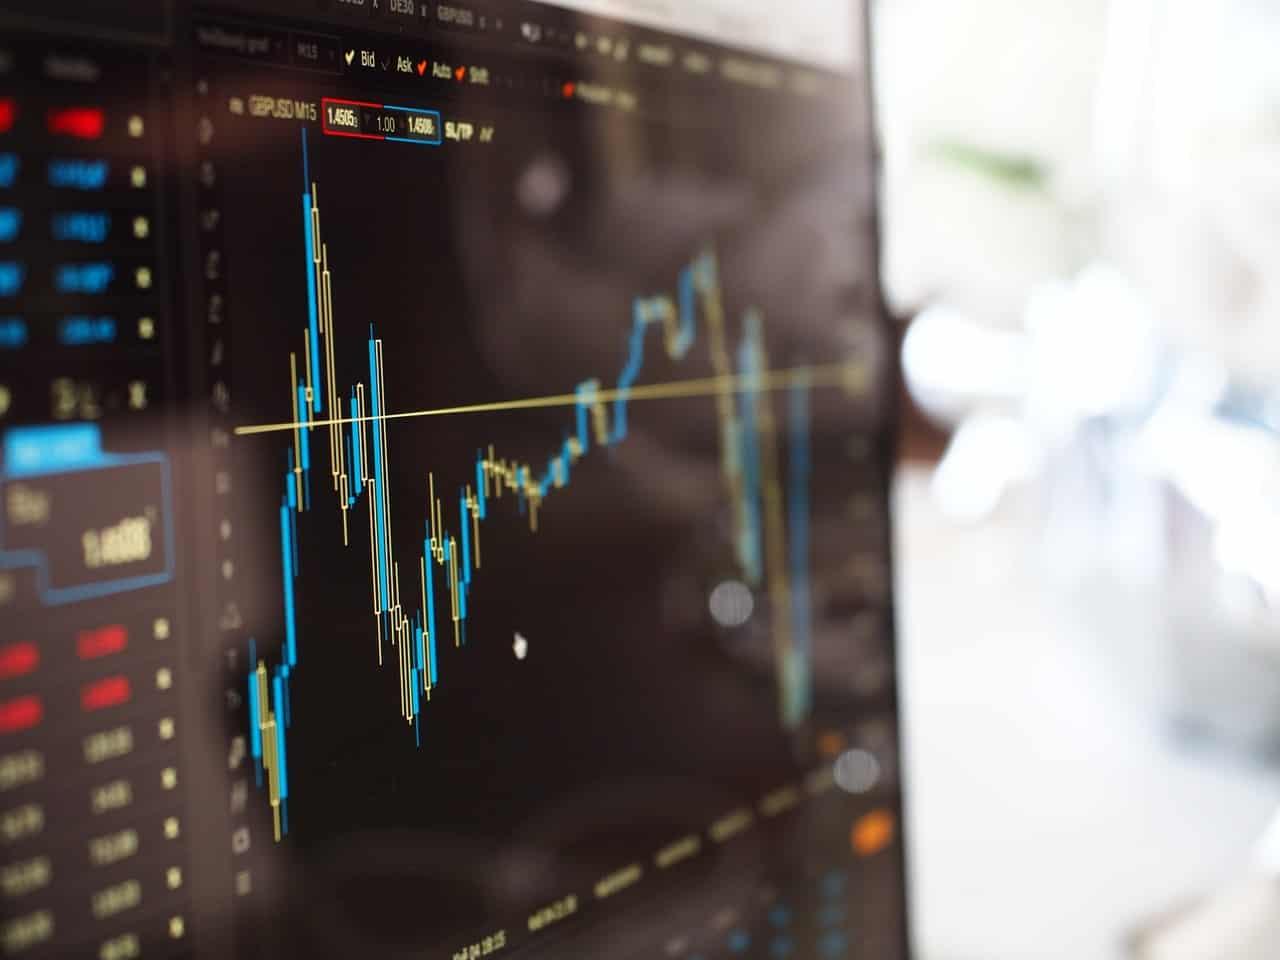 pasar persaingan sempurna, globalisasi, pasar oligopoli, pasar persaingan tidak sempurna, ciri pasar persaingan sempurna, pasar monopolistik, sistem ekonomi, kegiatan ekonomi